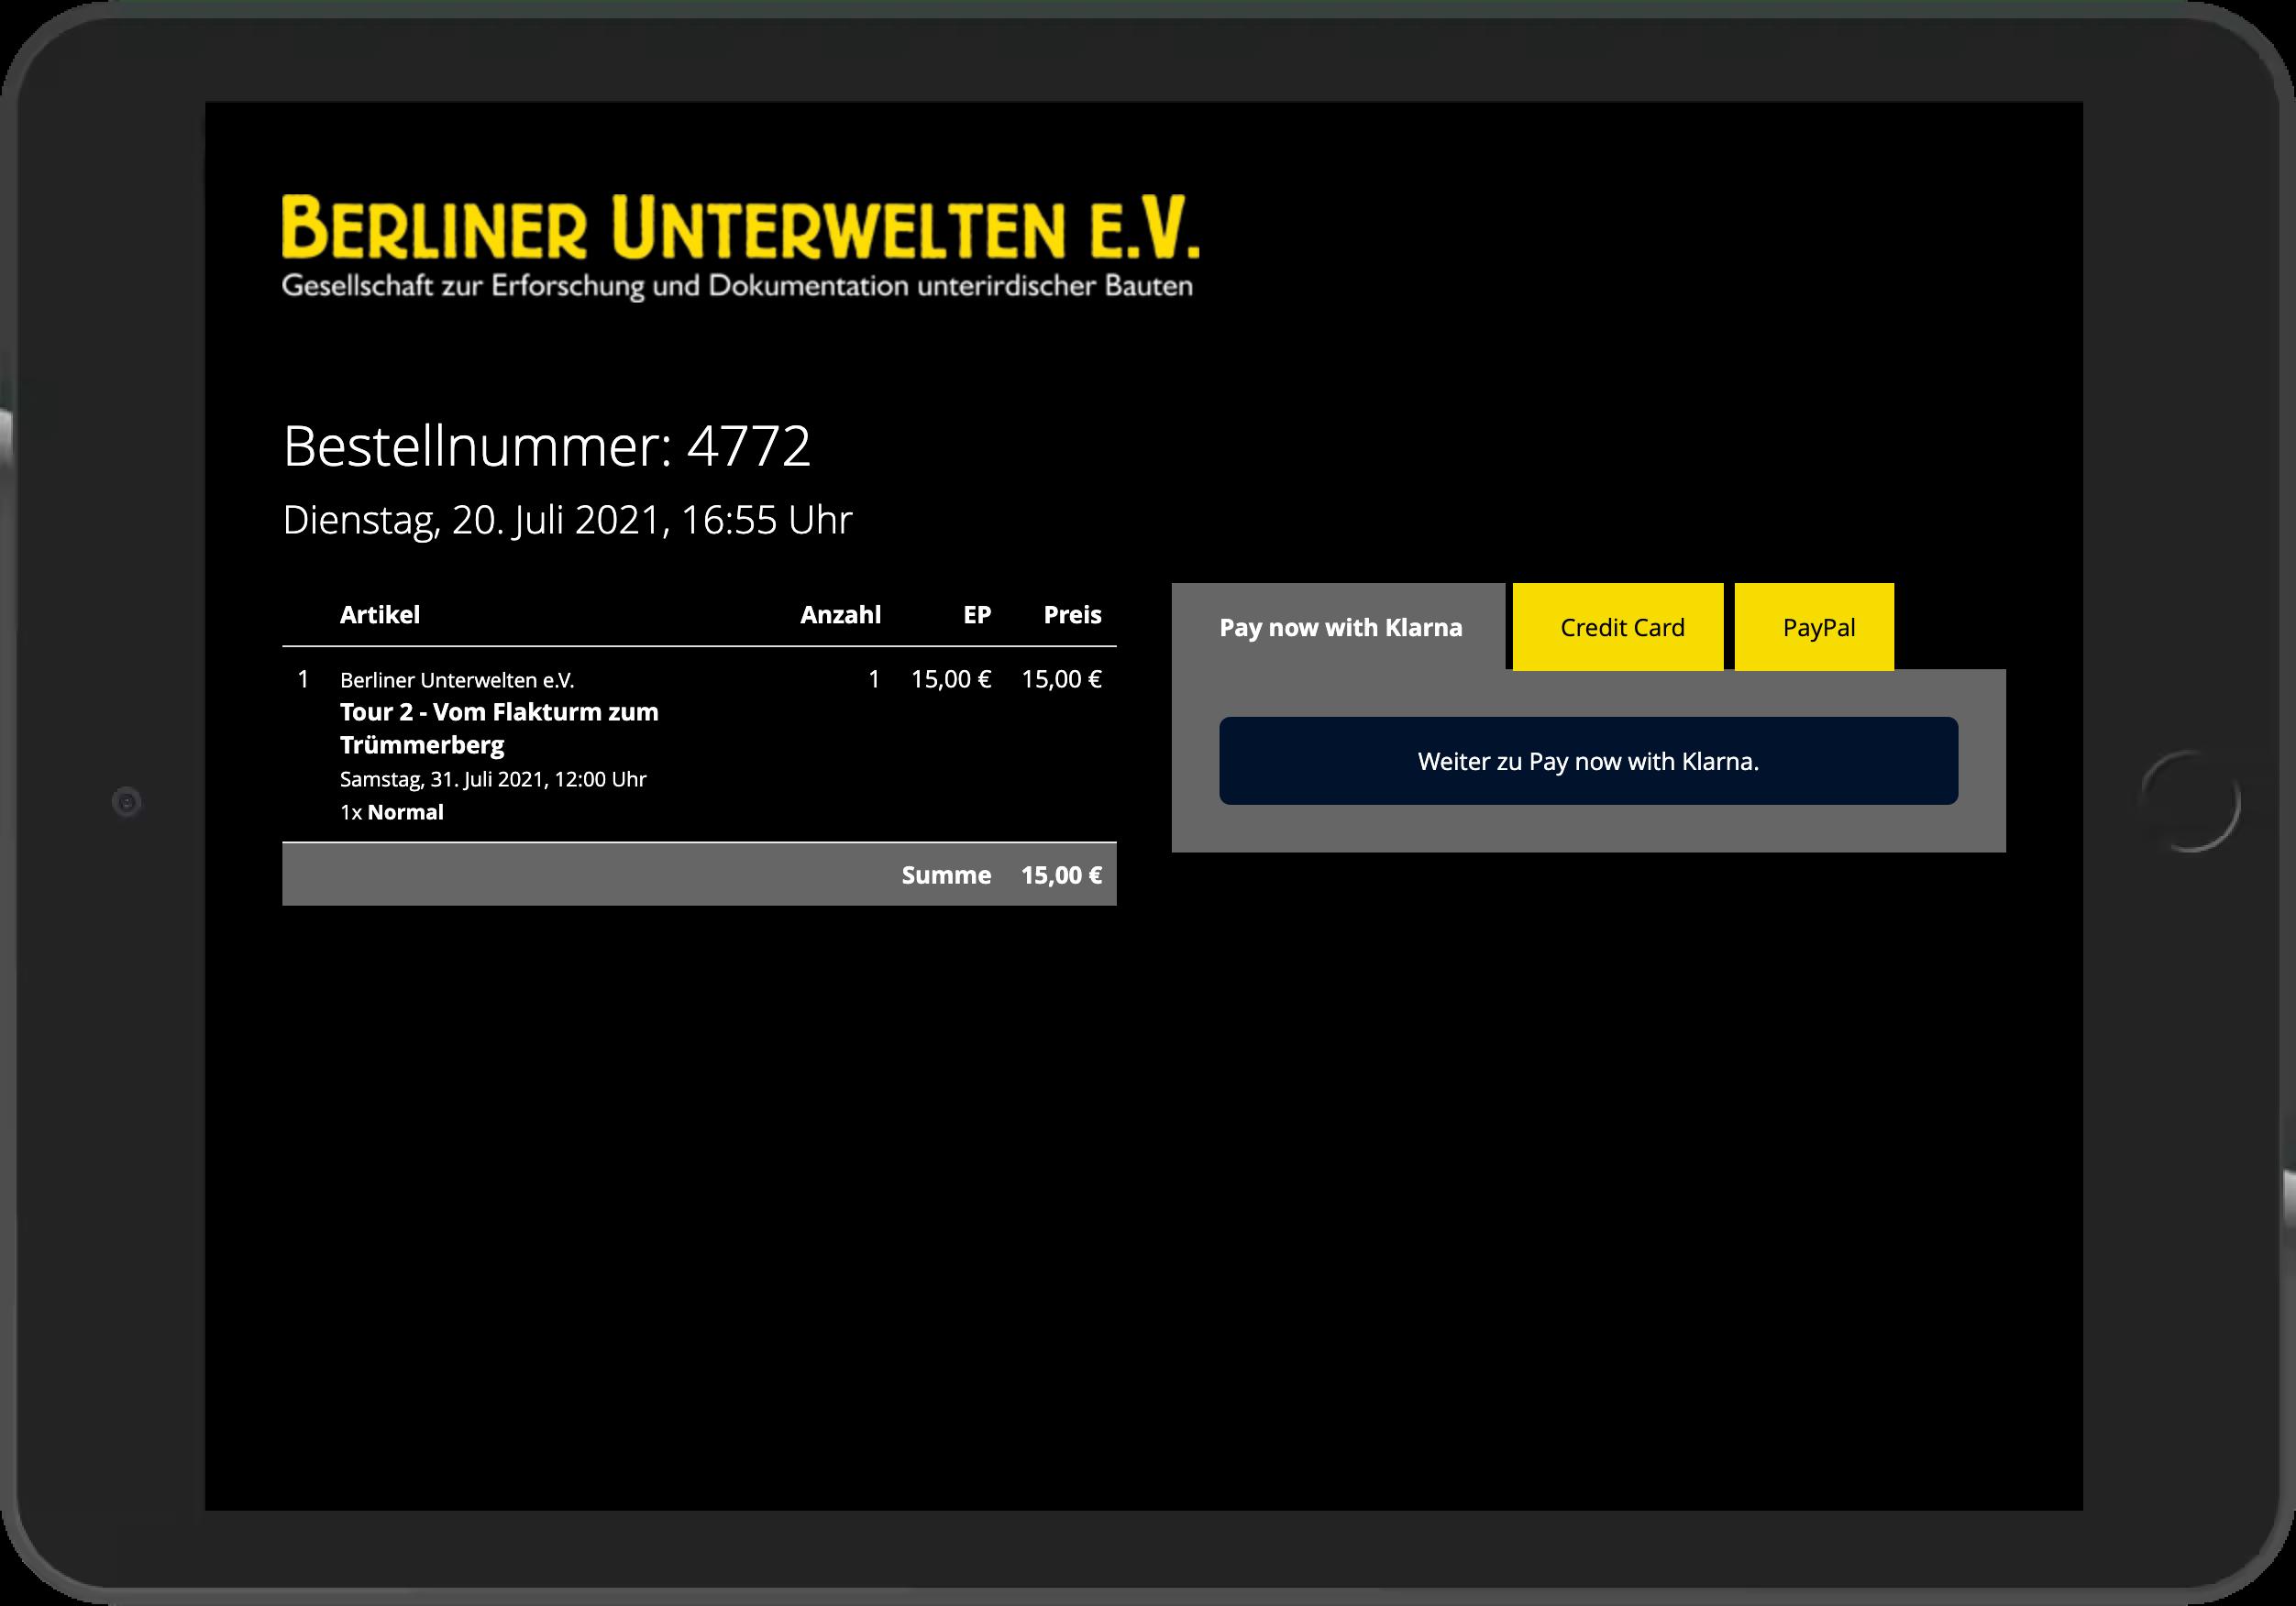 Screenshot der Bezahlung im Online-Shop der Berliner Unterwelten